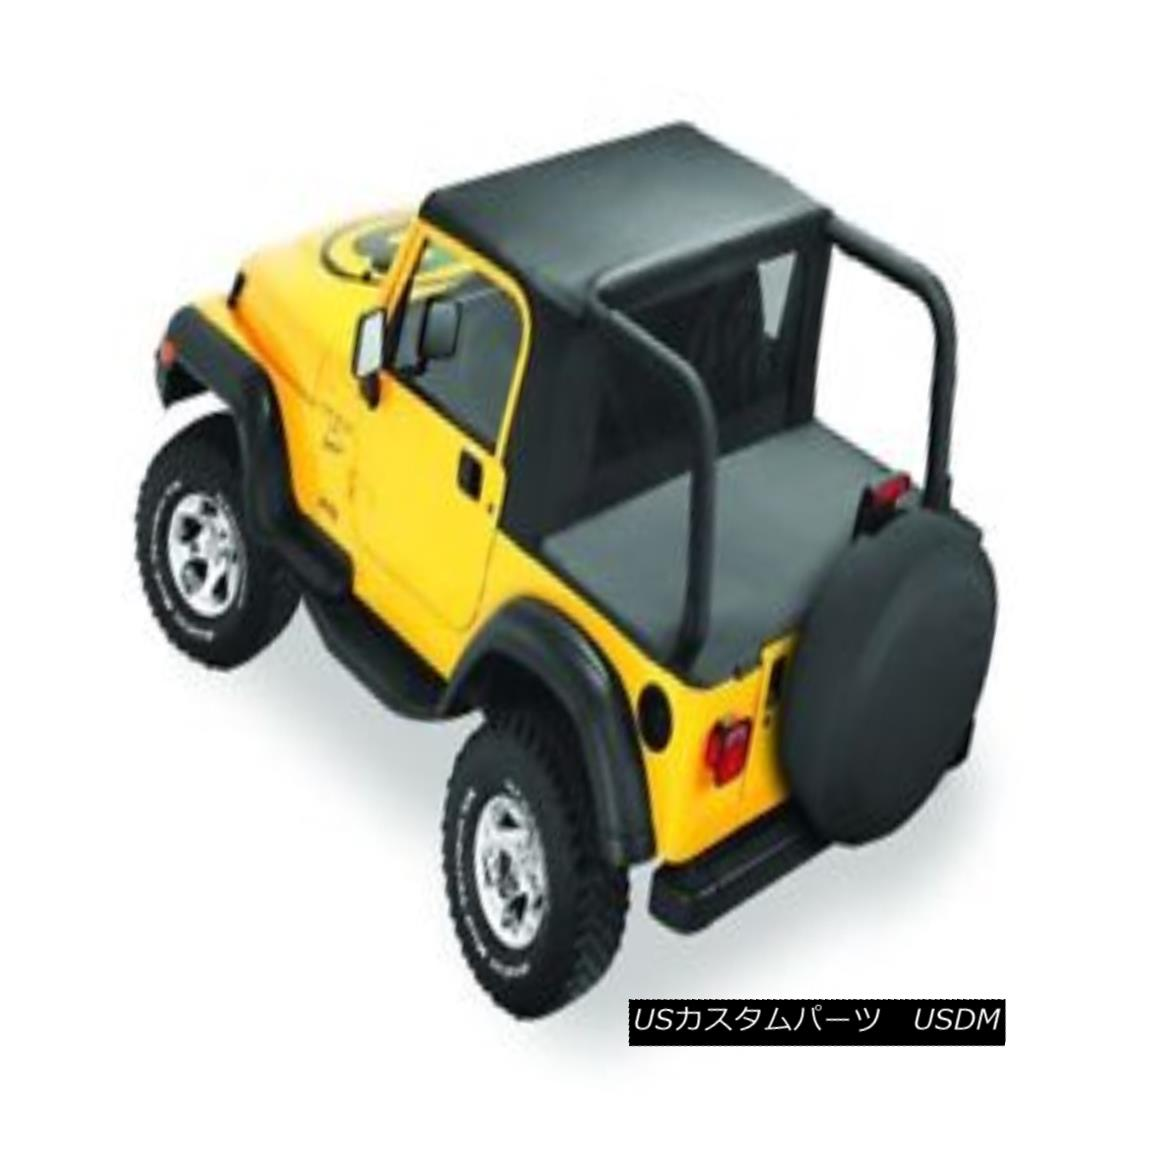 幌・ソフトトップ Bestop 53809-15 Jeep Halftop 3-in-1 Soft Top Black Denim Bestop 53809-15ジープハーフトップ3-in-1ソフトトップブラックデニム